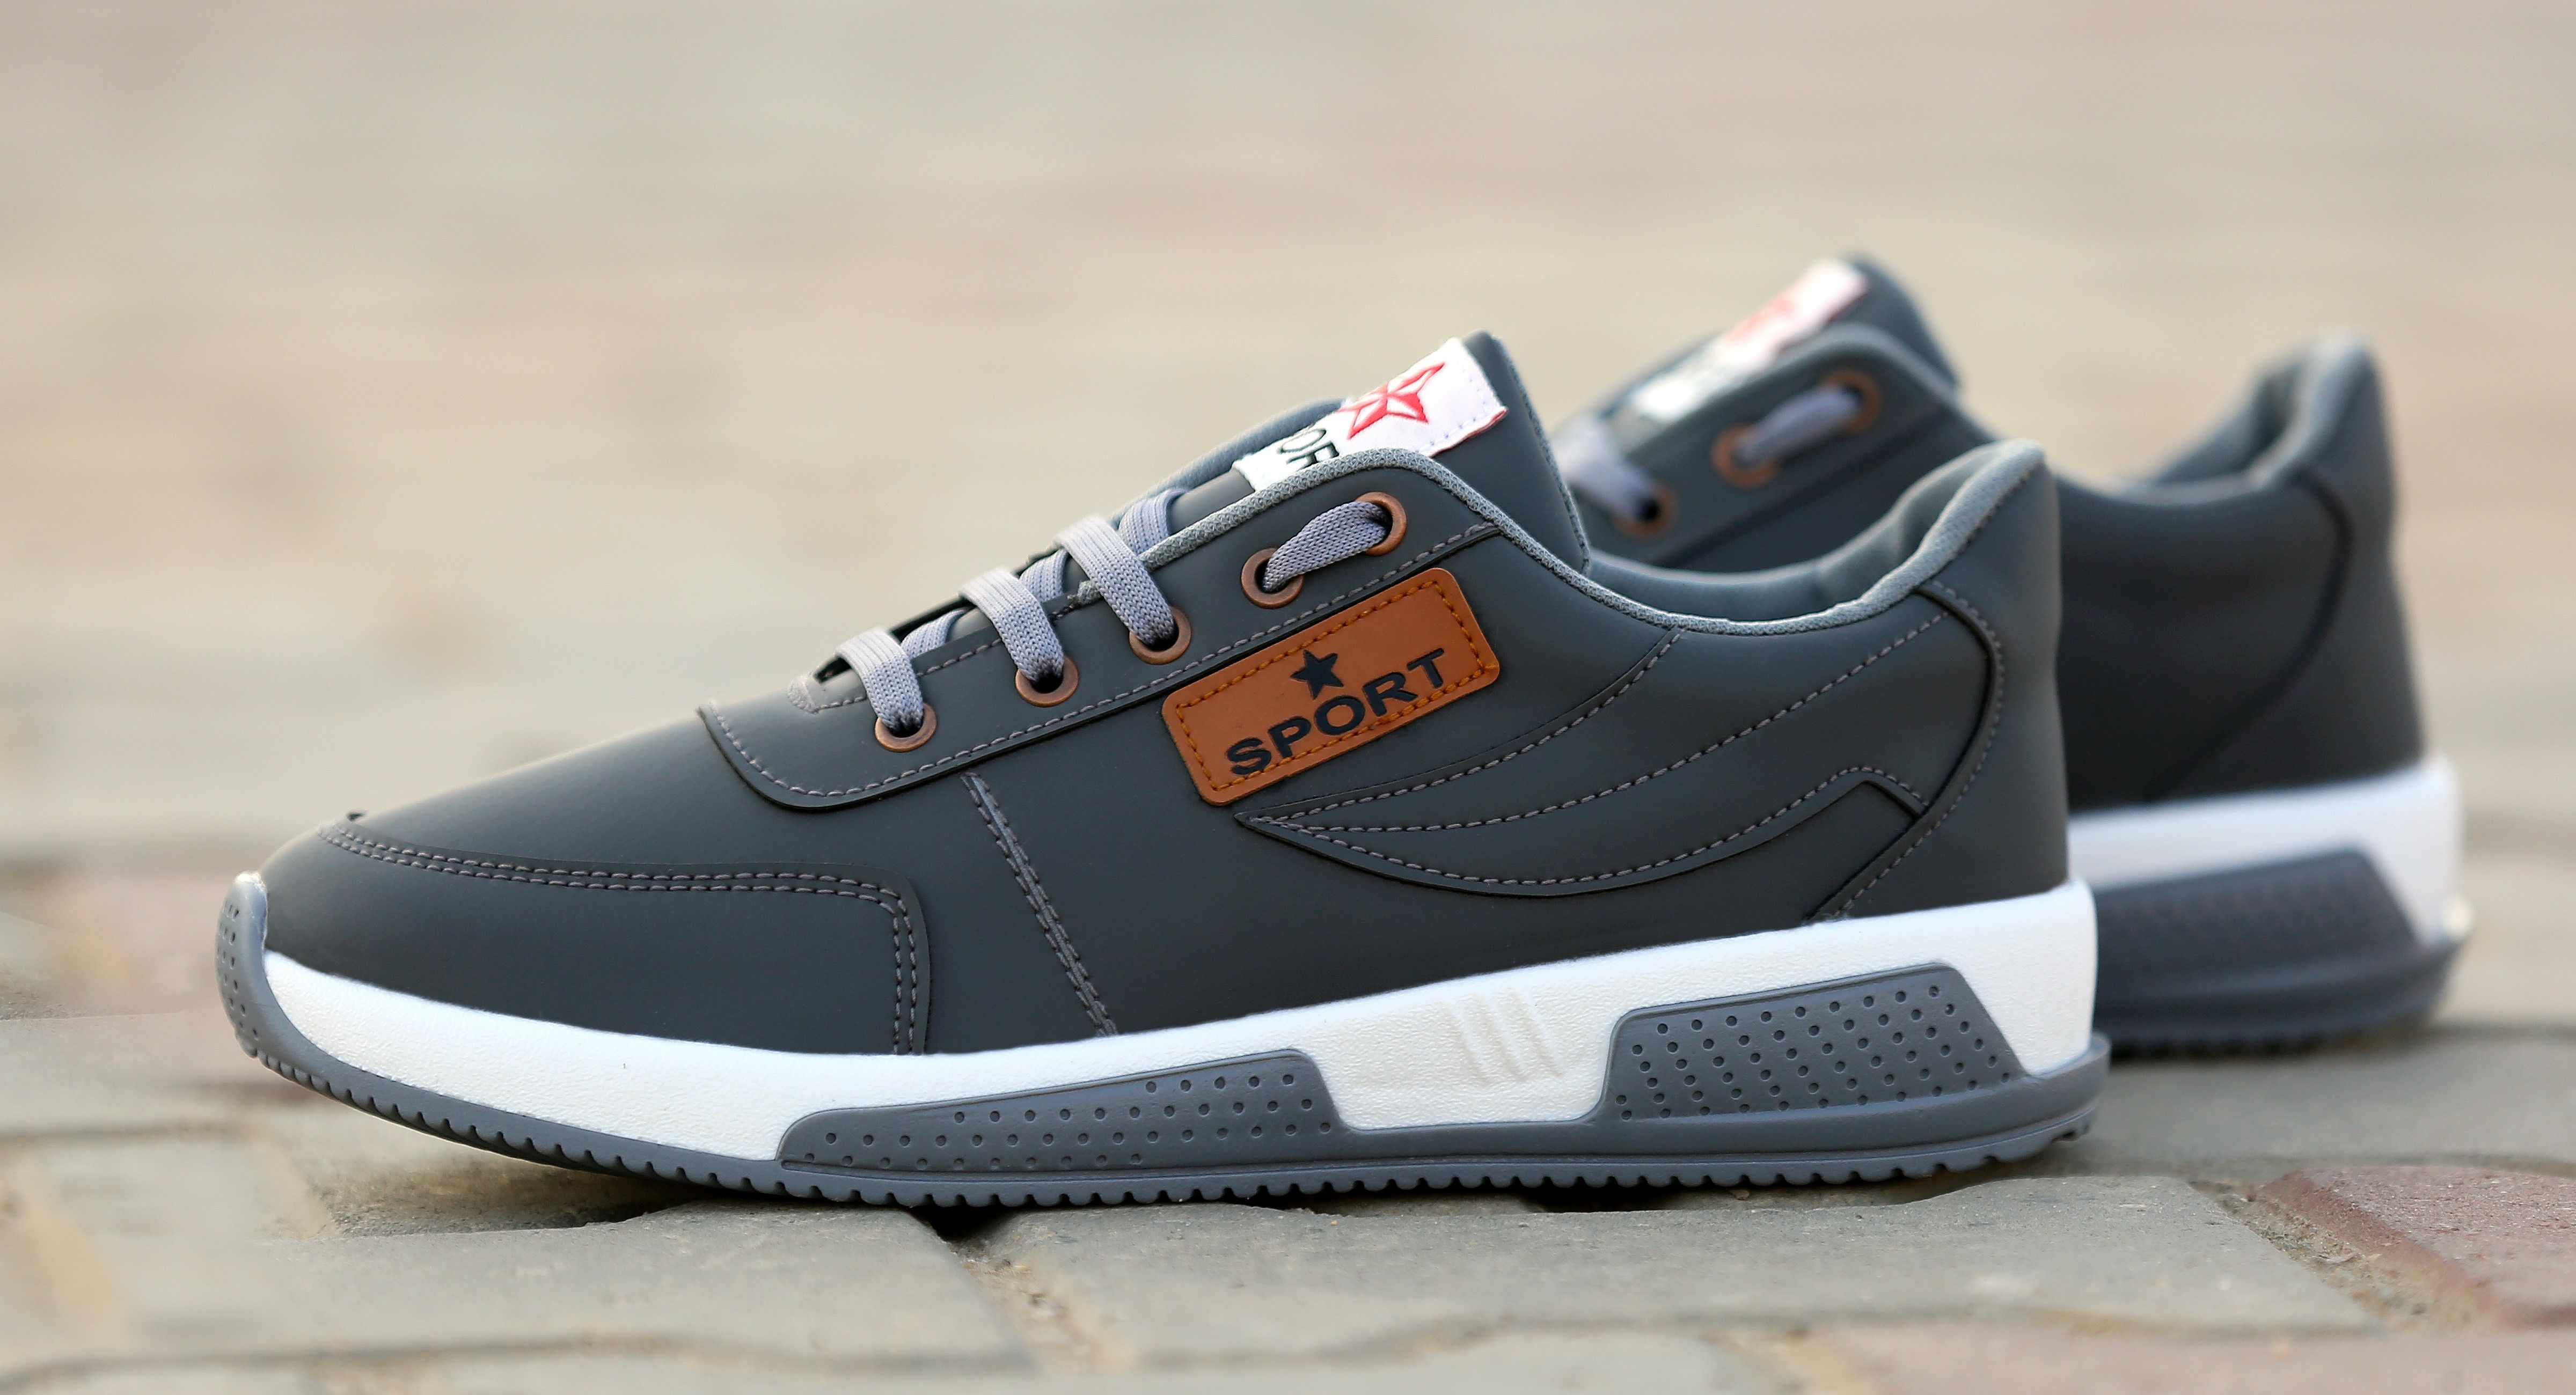 كوتش سبورت الرياضى ب 164ج فقط بدل من 264ج Shoe Brands Sneakers Shoes